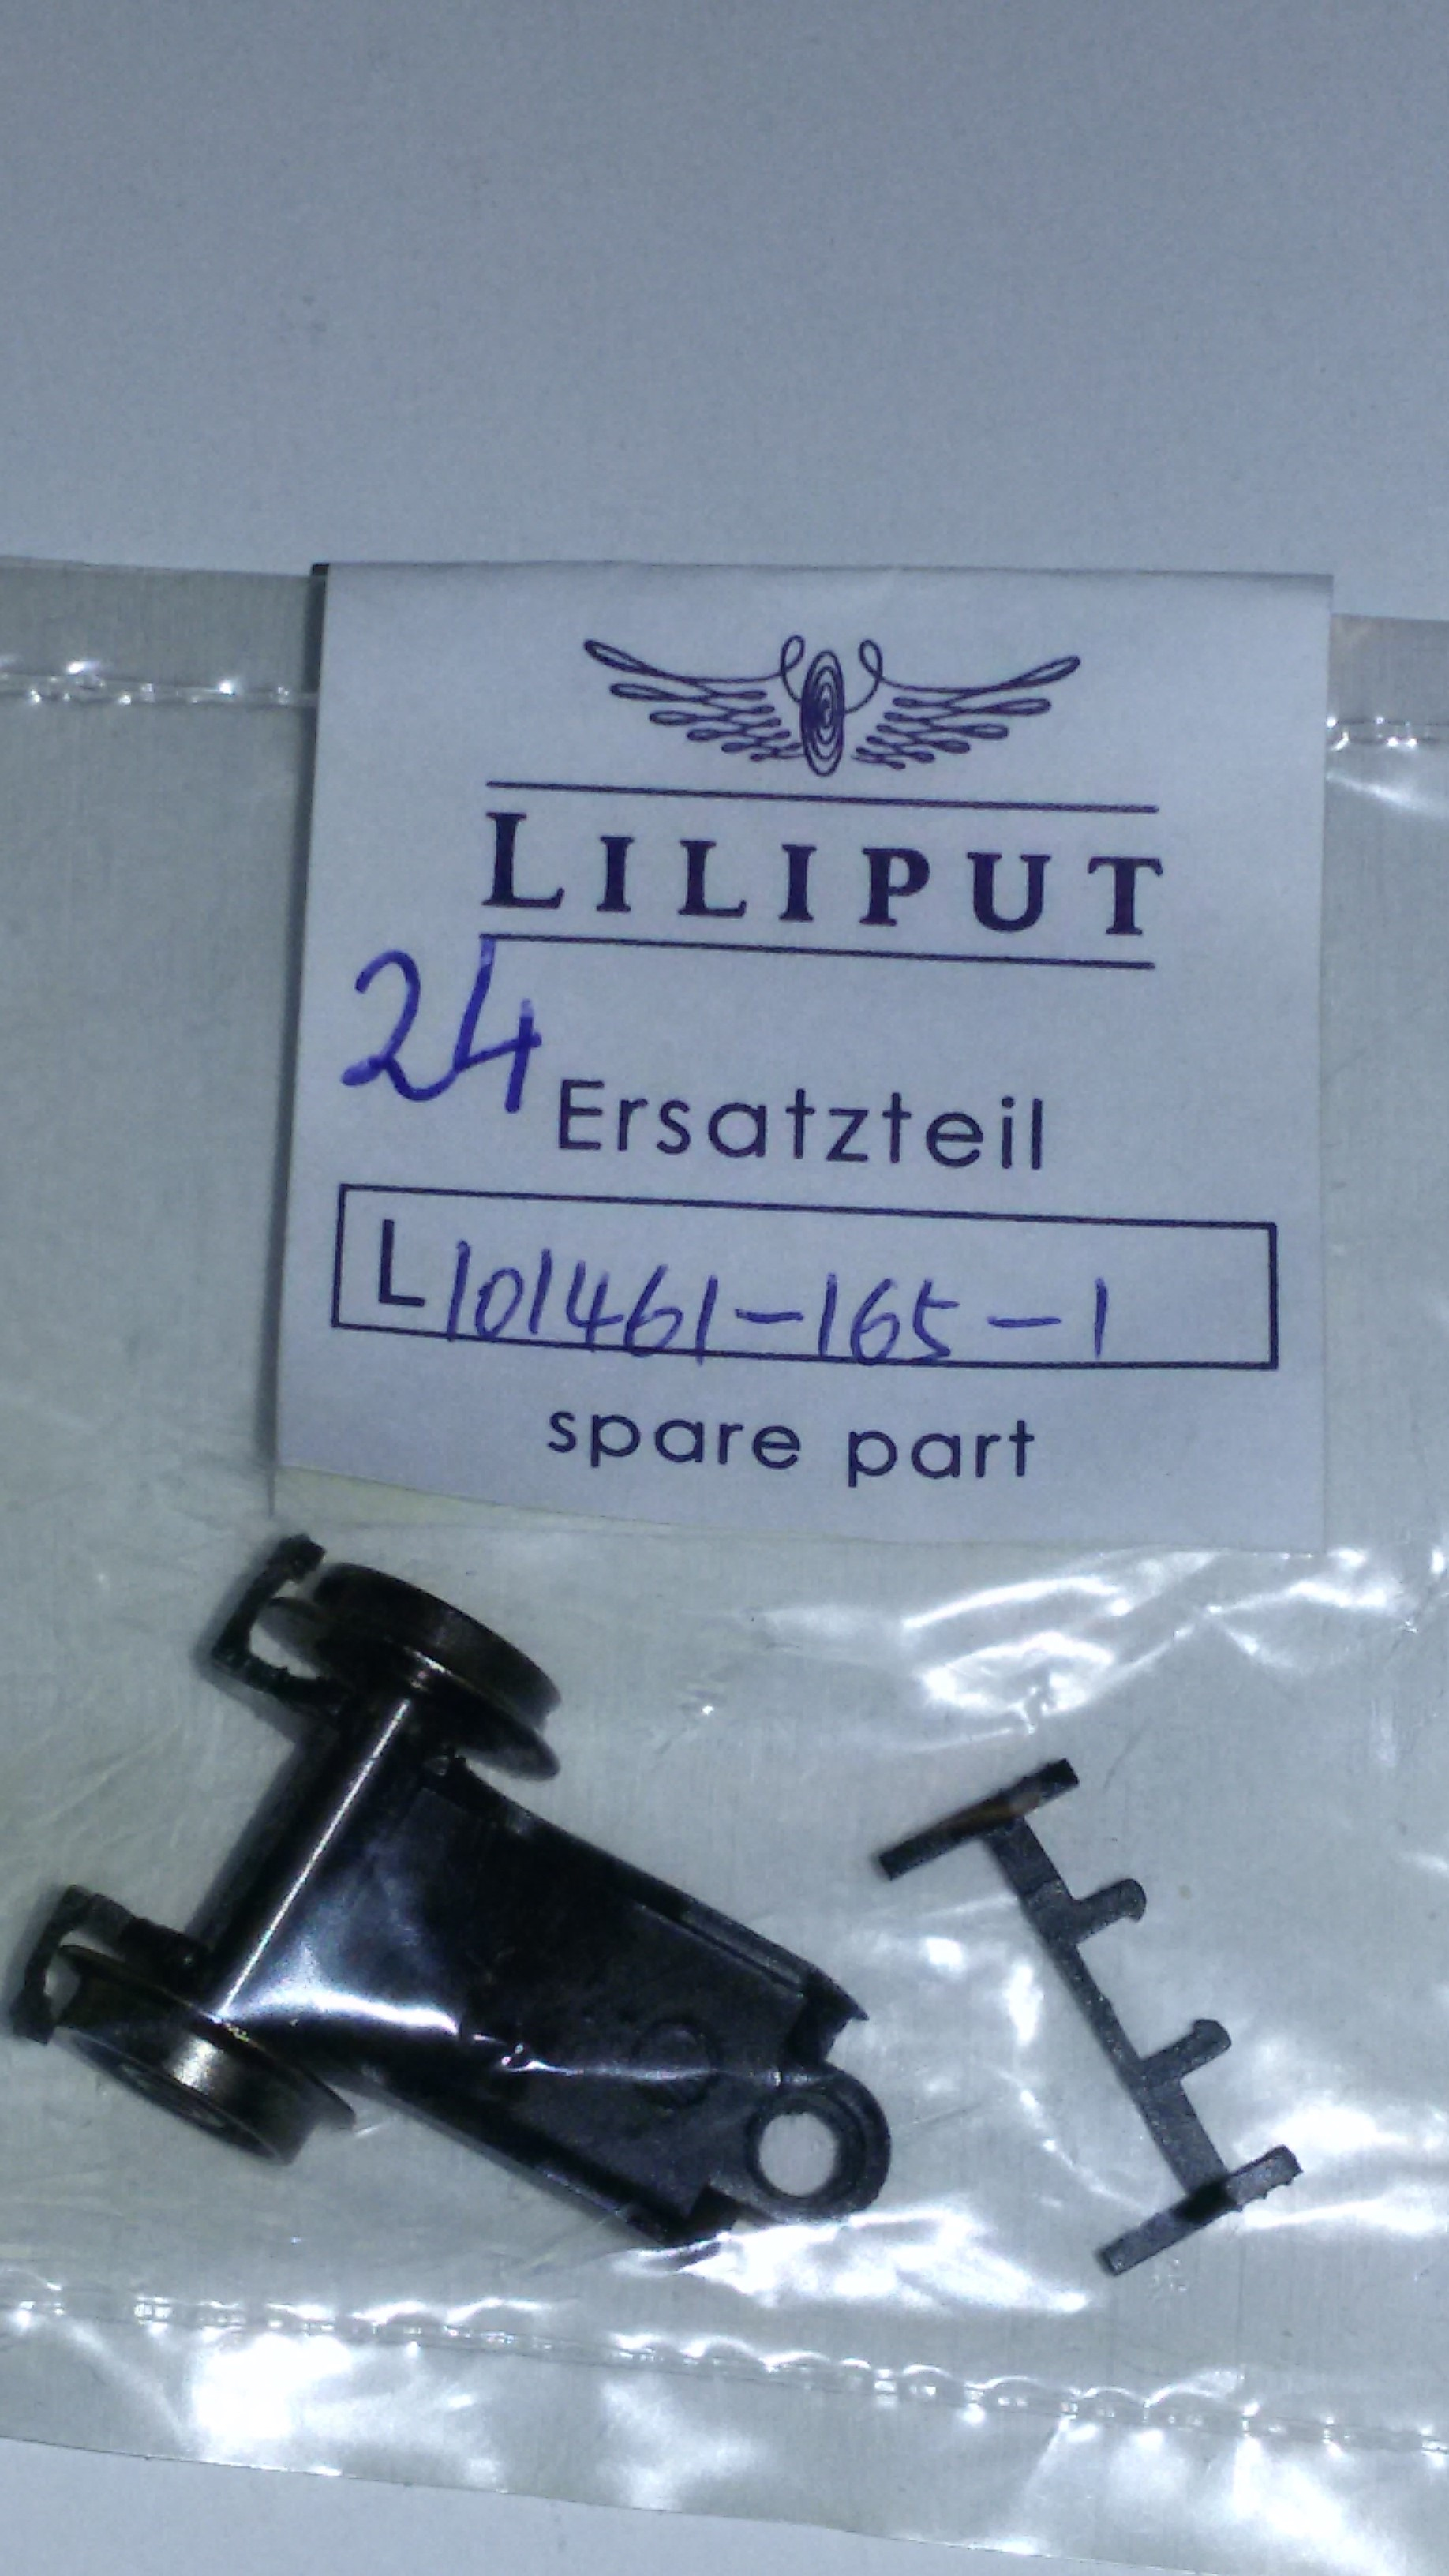 *LO 24* Liliput Ersatzteil L101461-165-1 Vorlaufgestell kpl. für 101461